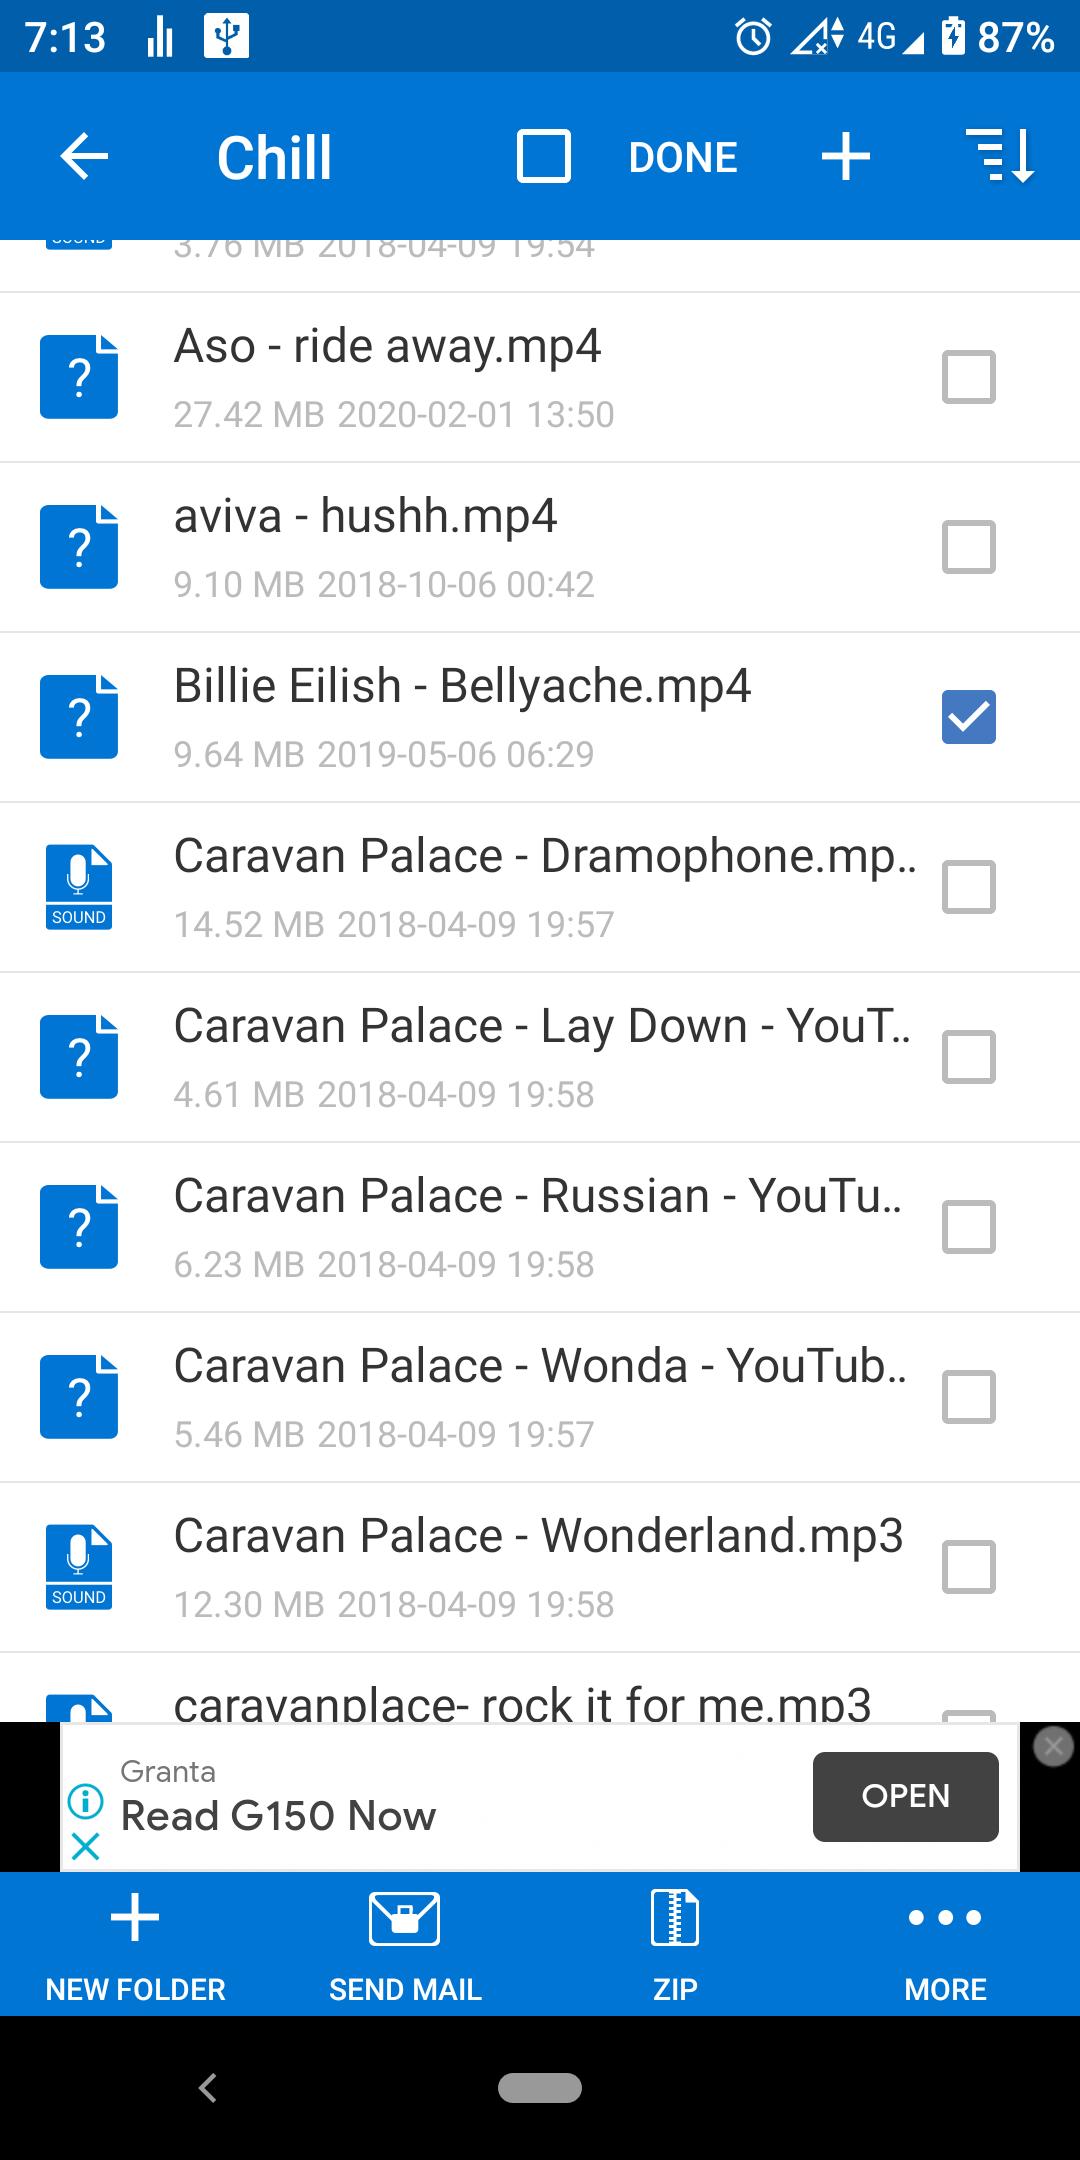 Cách nén tệp trong Android 6